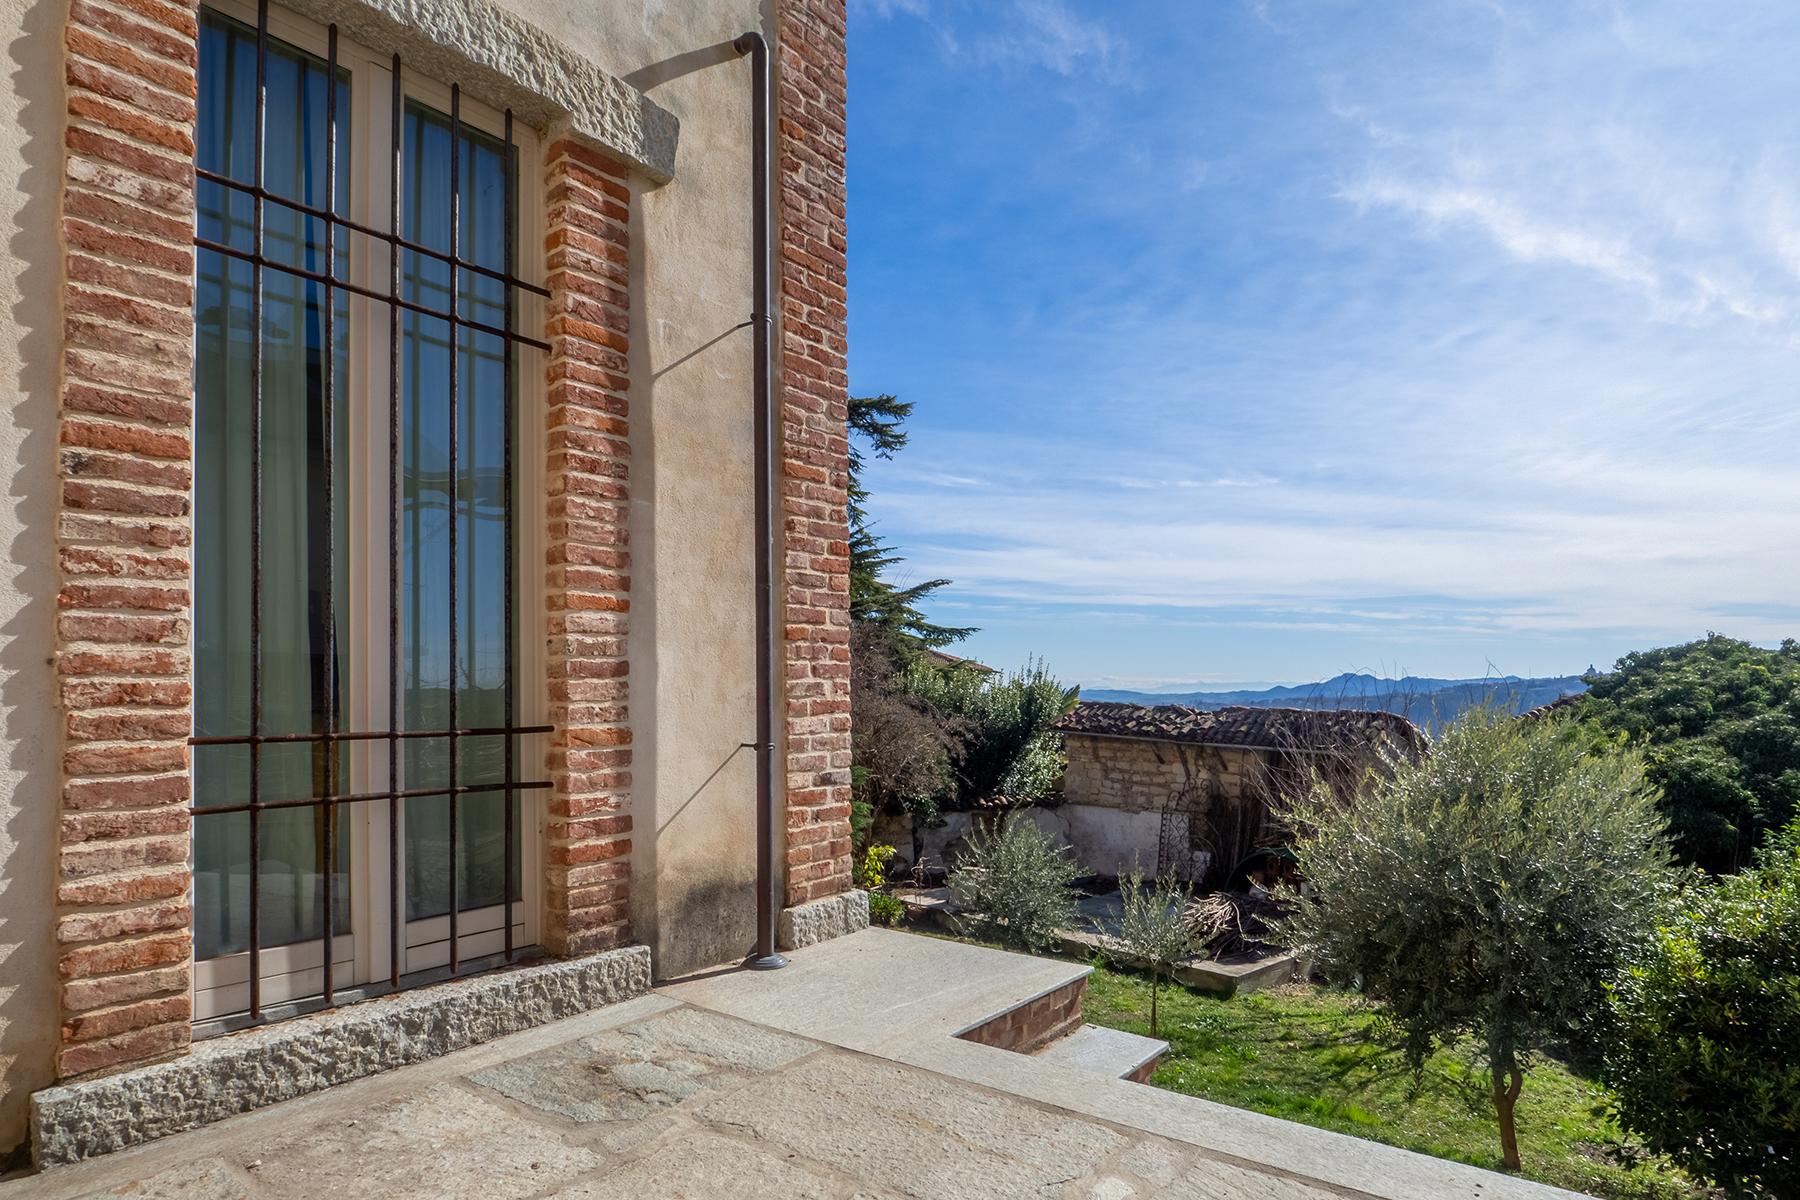 Casa indipendente in Vendita a Moncestino: 5 locali, 300 mq - Foto 12